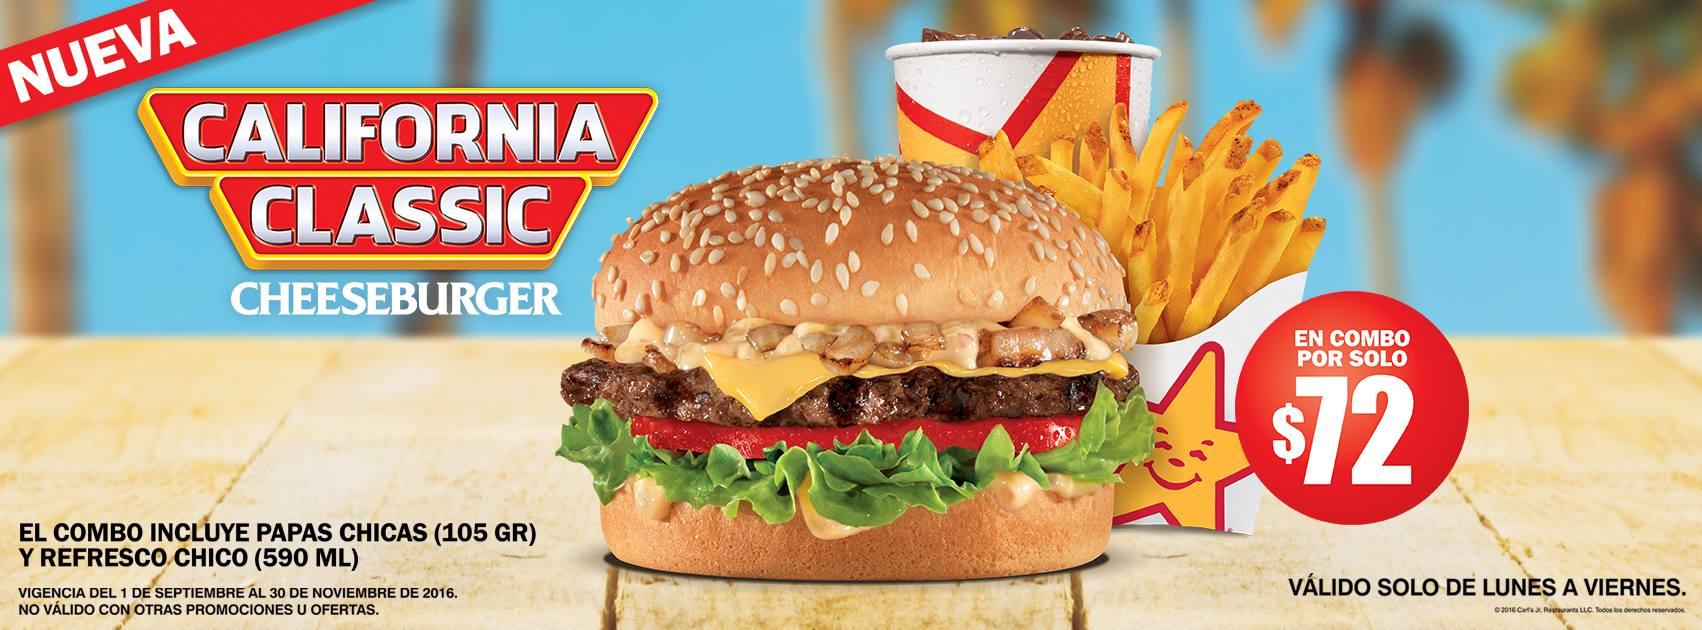 Carl's Jr.: combo chico de California Classic Cheeseburger por $72